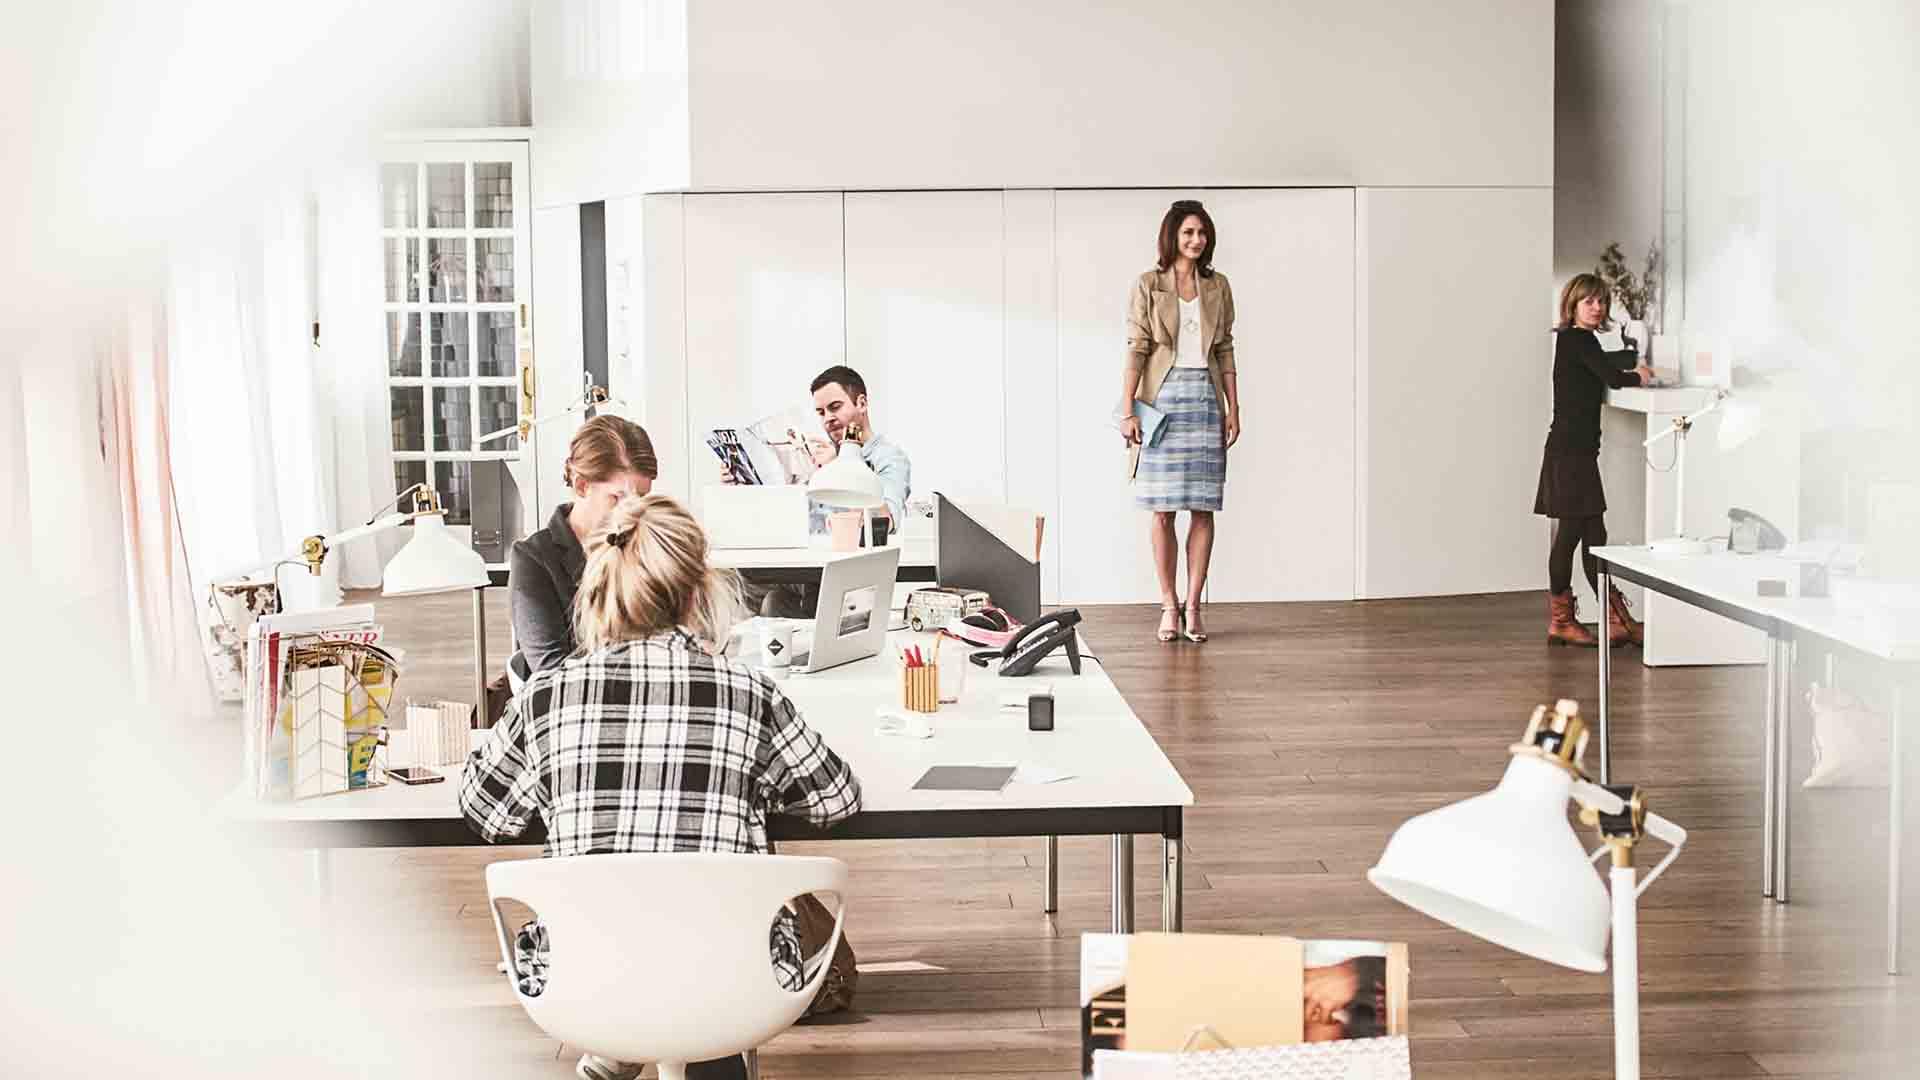 Das Bild zeigt eine Frau die sich am ende eines Raumes befindet. Sie ist kurz davor einen Lauf hinzulegen. Links von ihr sitzen Menschen an Schreibtischen und arbeiten. Das Bild dient als Sliderbild für den Portfolioeintrag MADELEINE Mode – DRTV Spot von Panda Pictures.